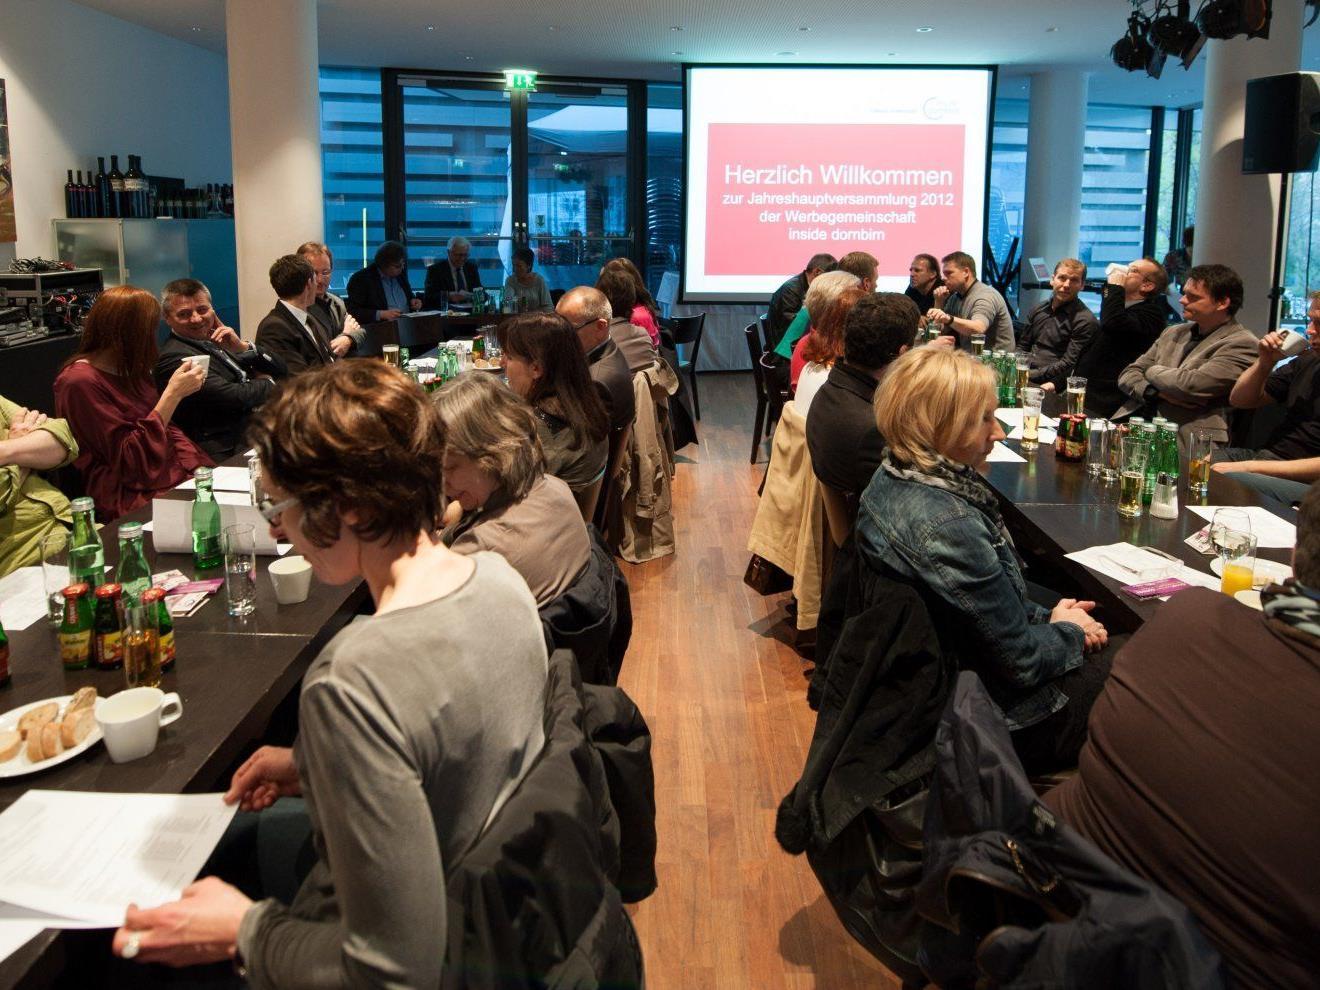 Zahlreiche Mitglieder kamen zur diesjährigen JHV von Inside Dornbirn in der Wirtschaft.